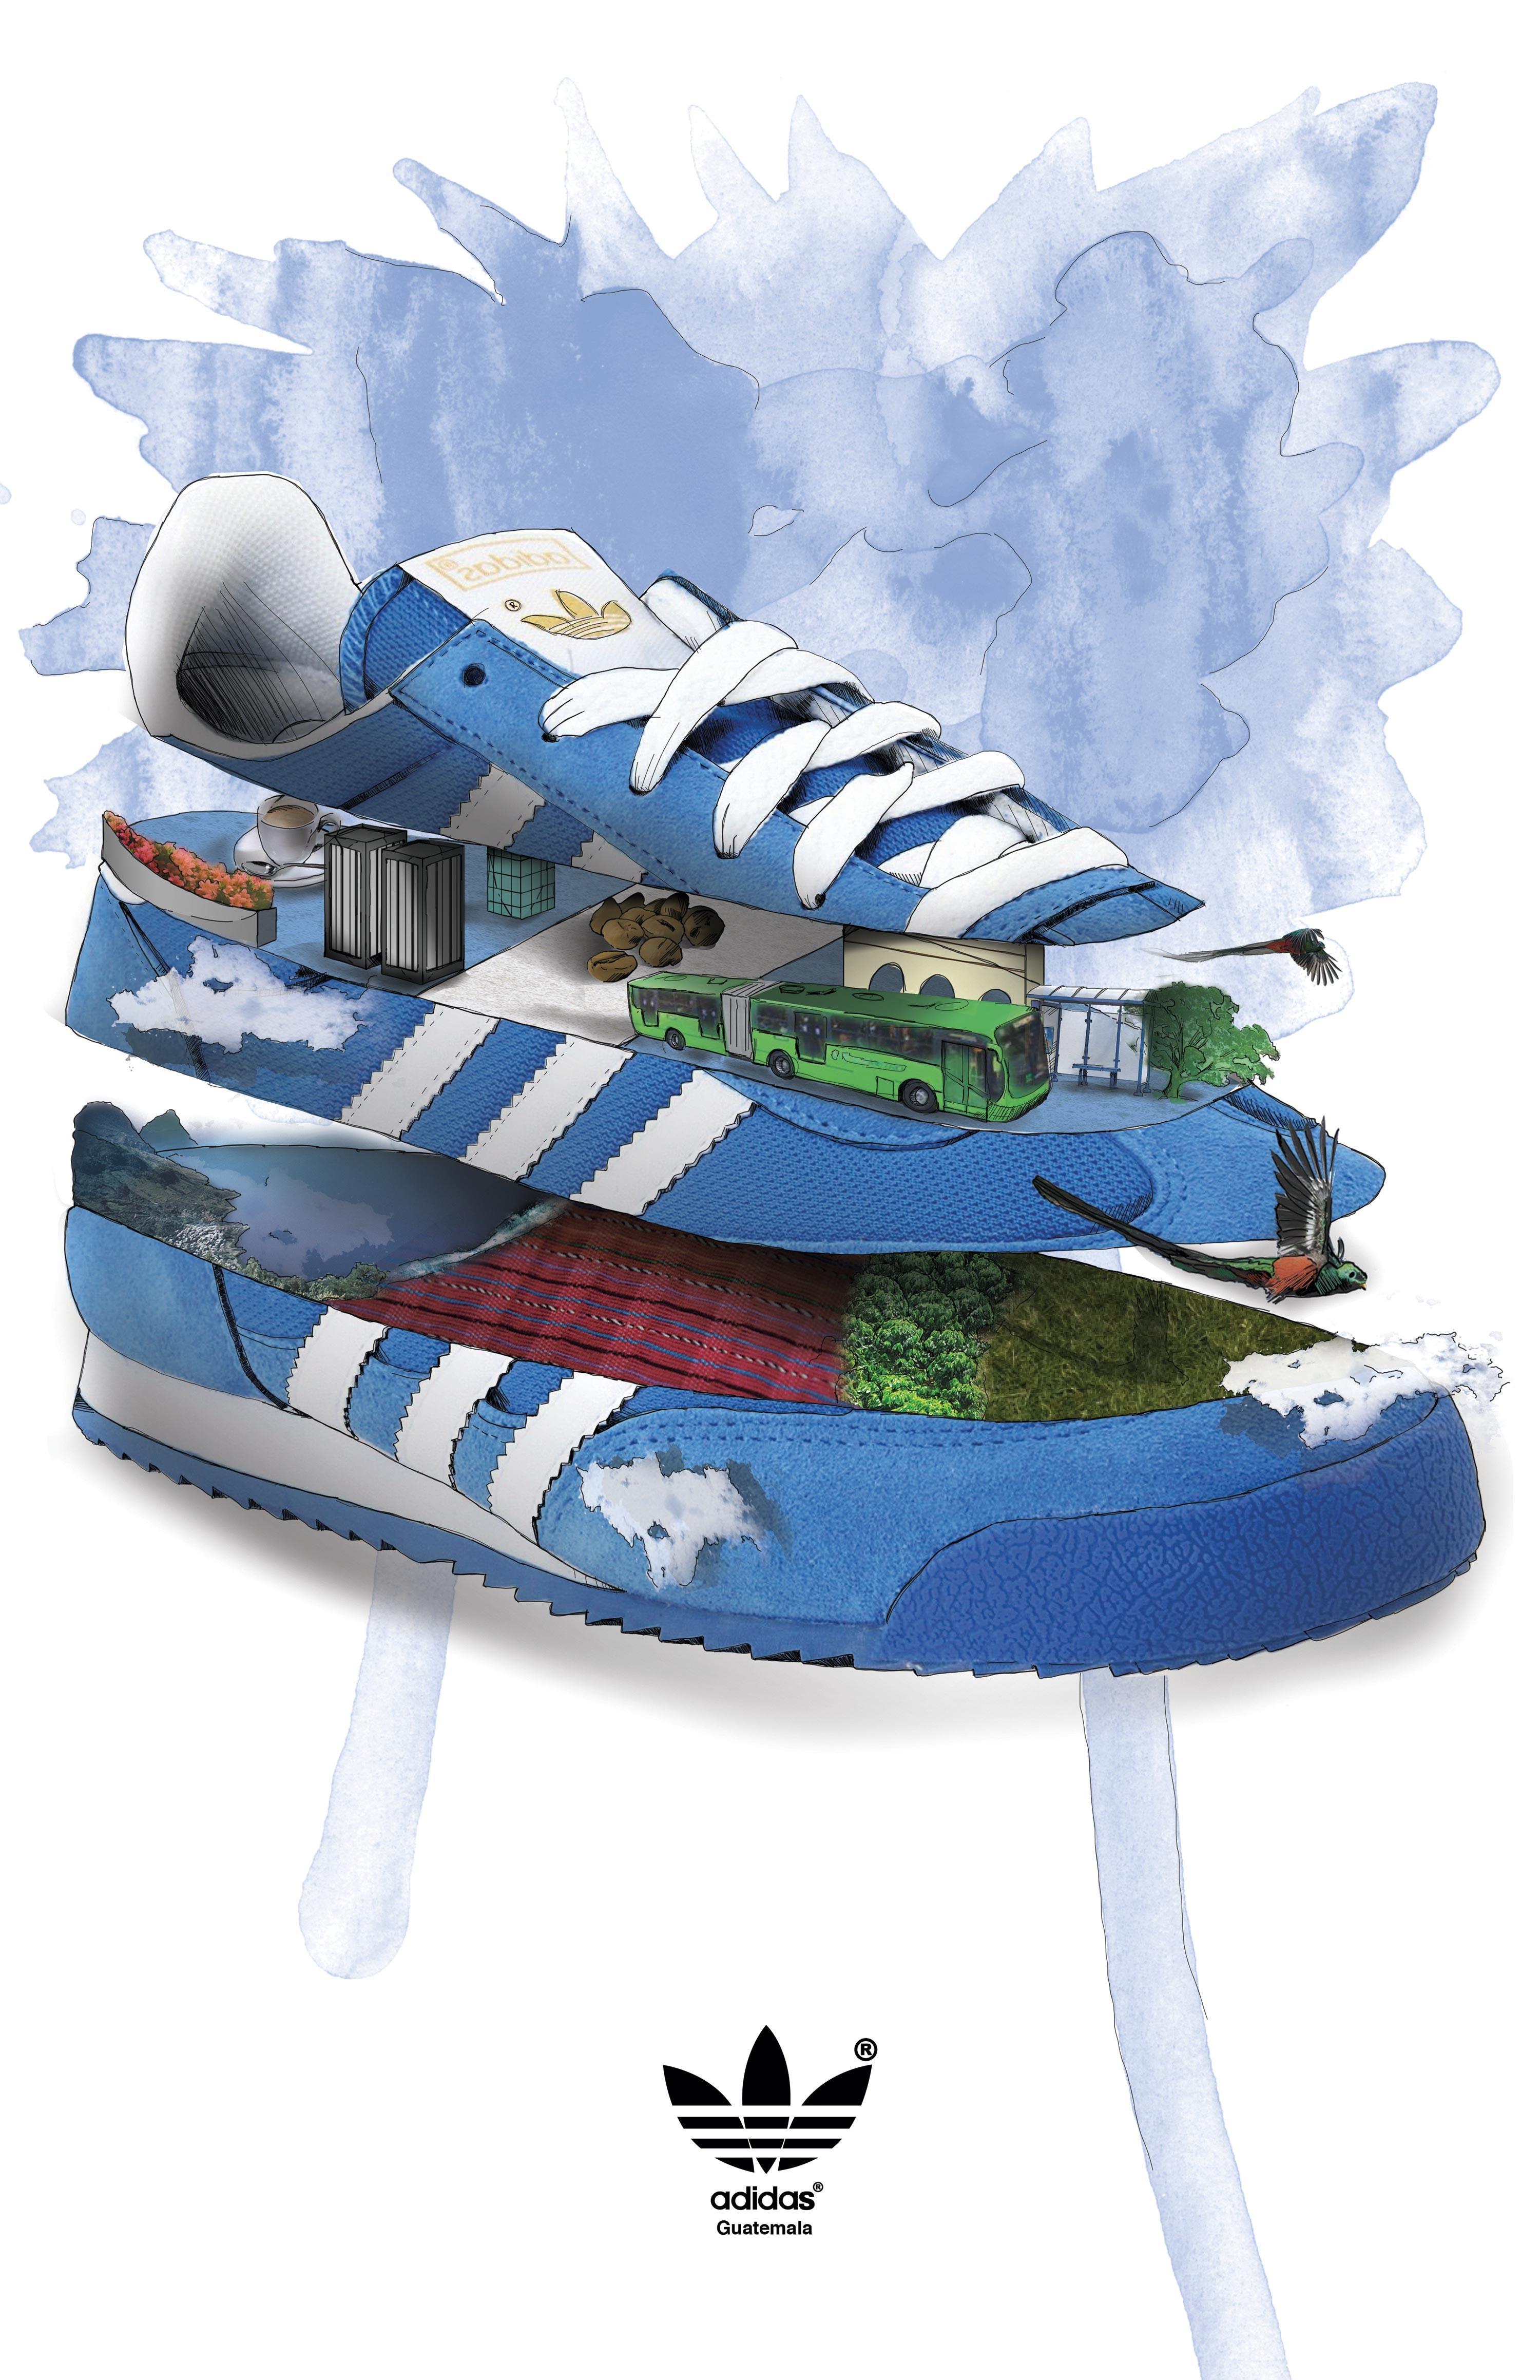 Adidas Guatemala